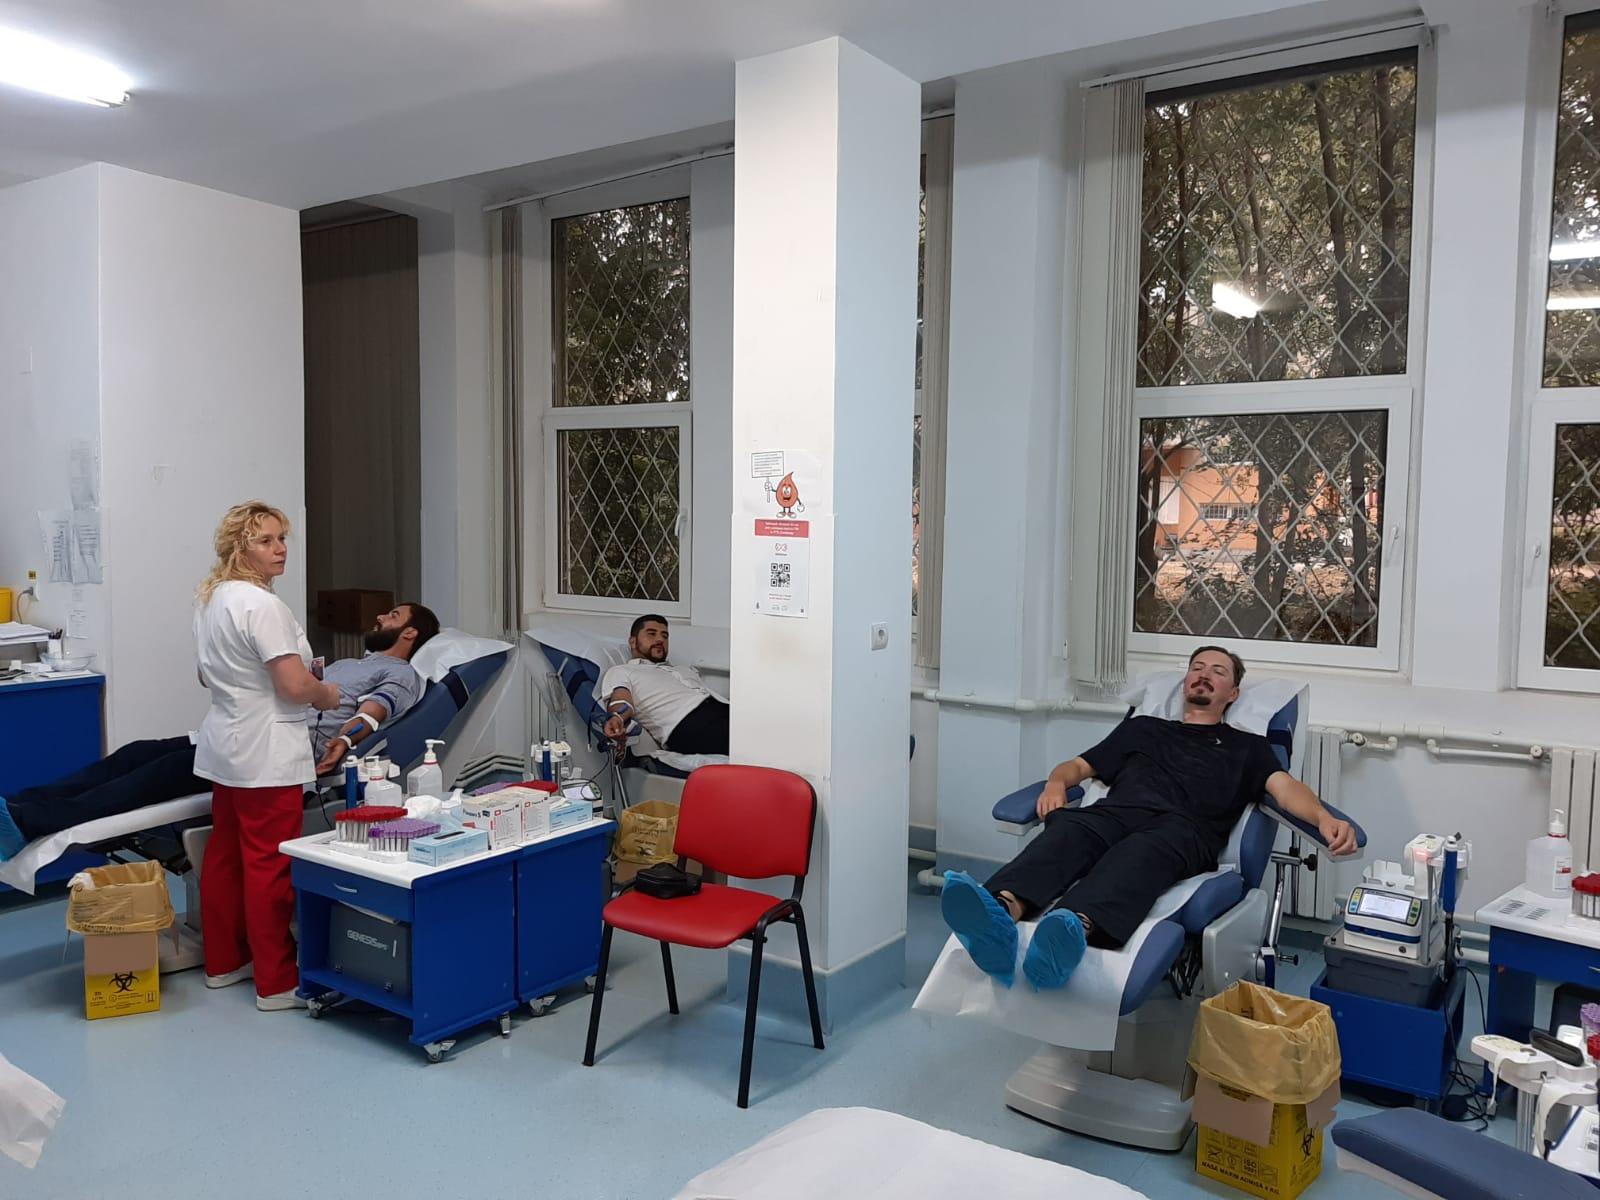 preoti biserica donare sange 1